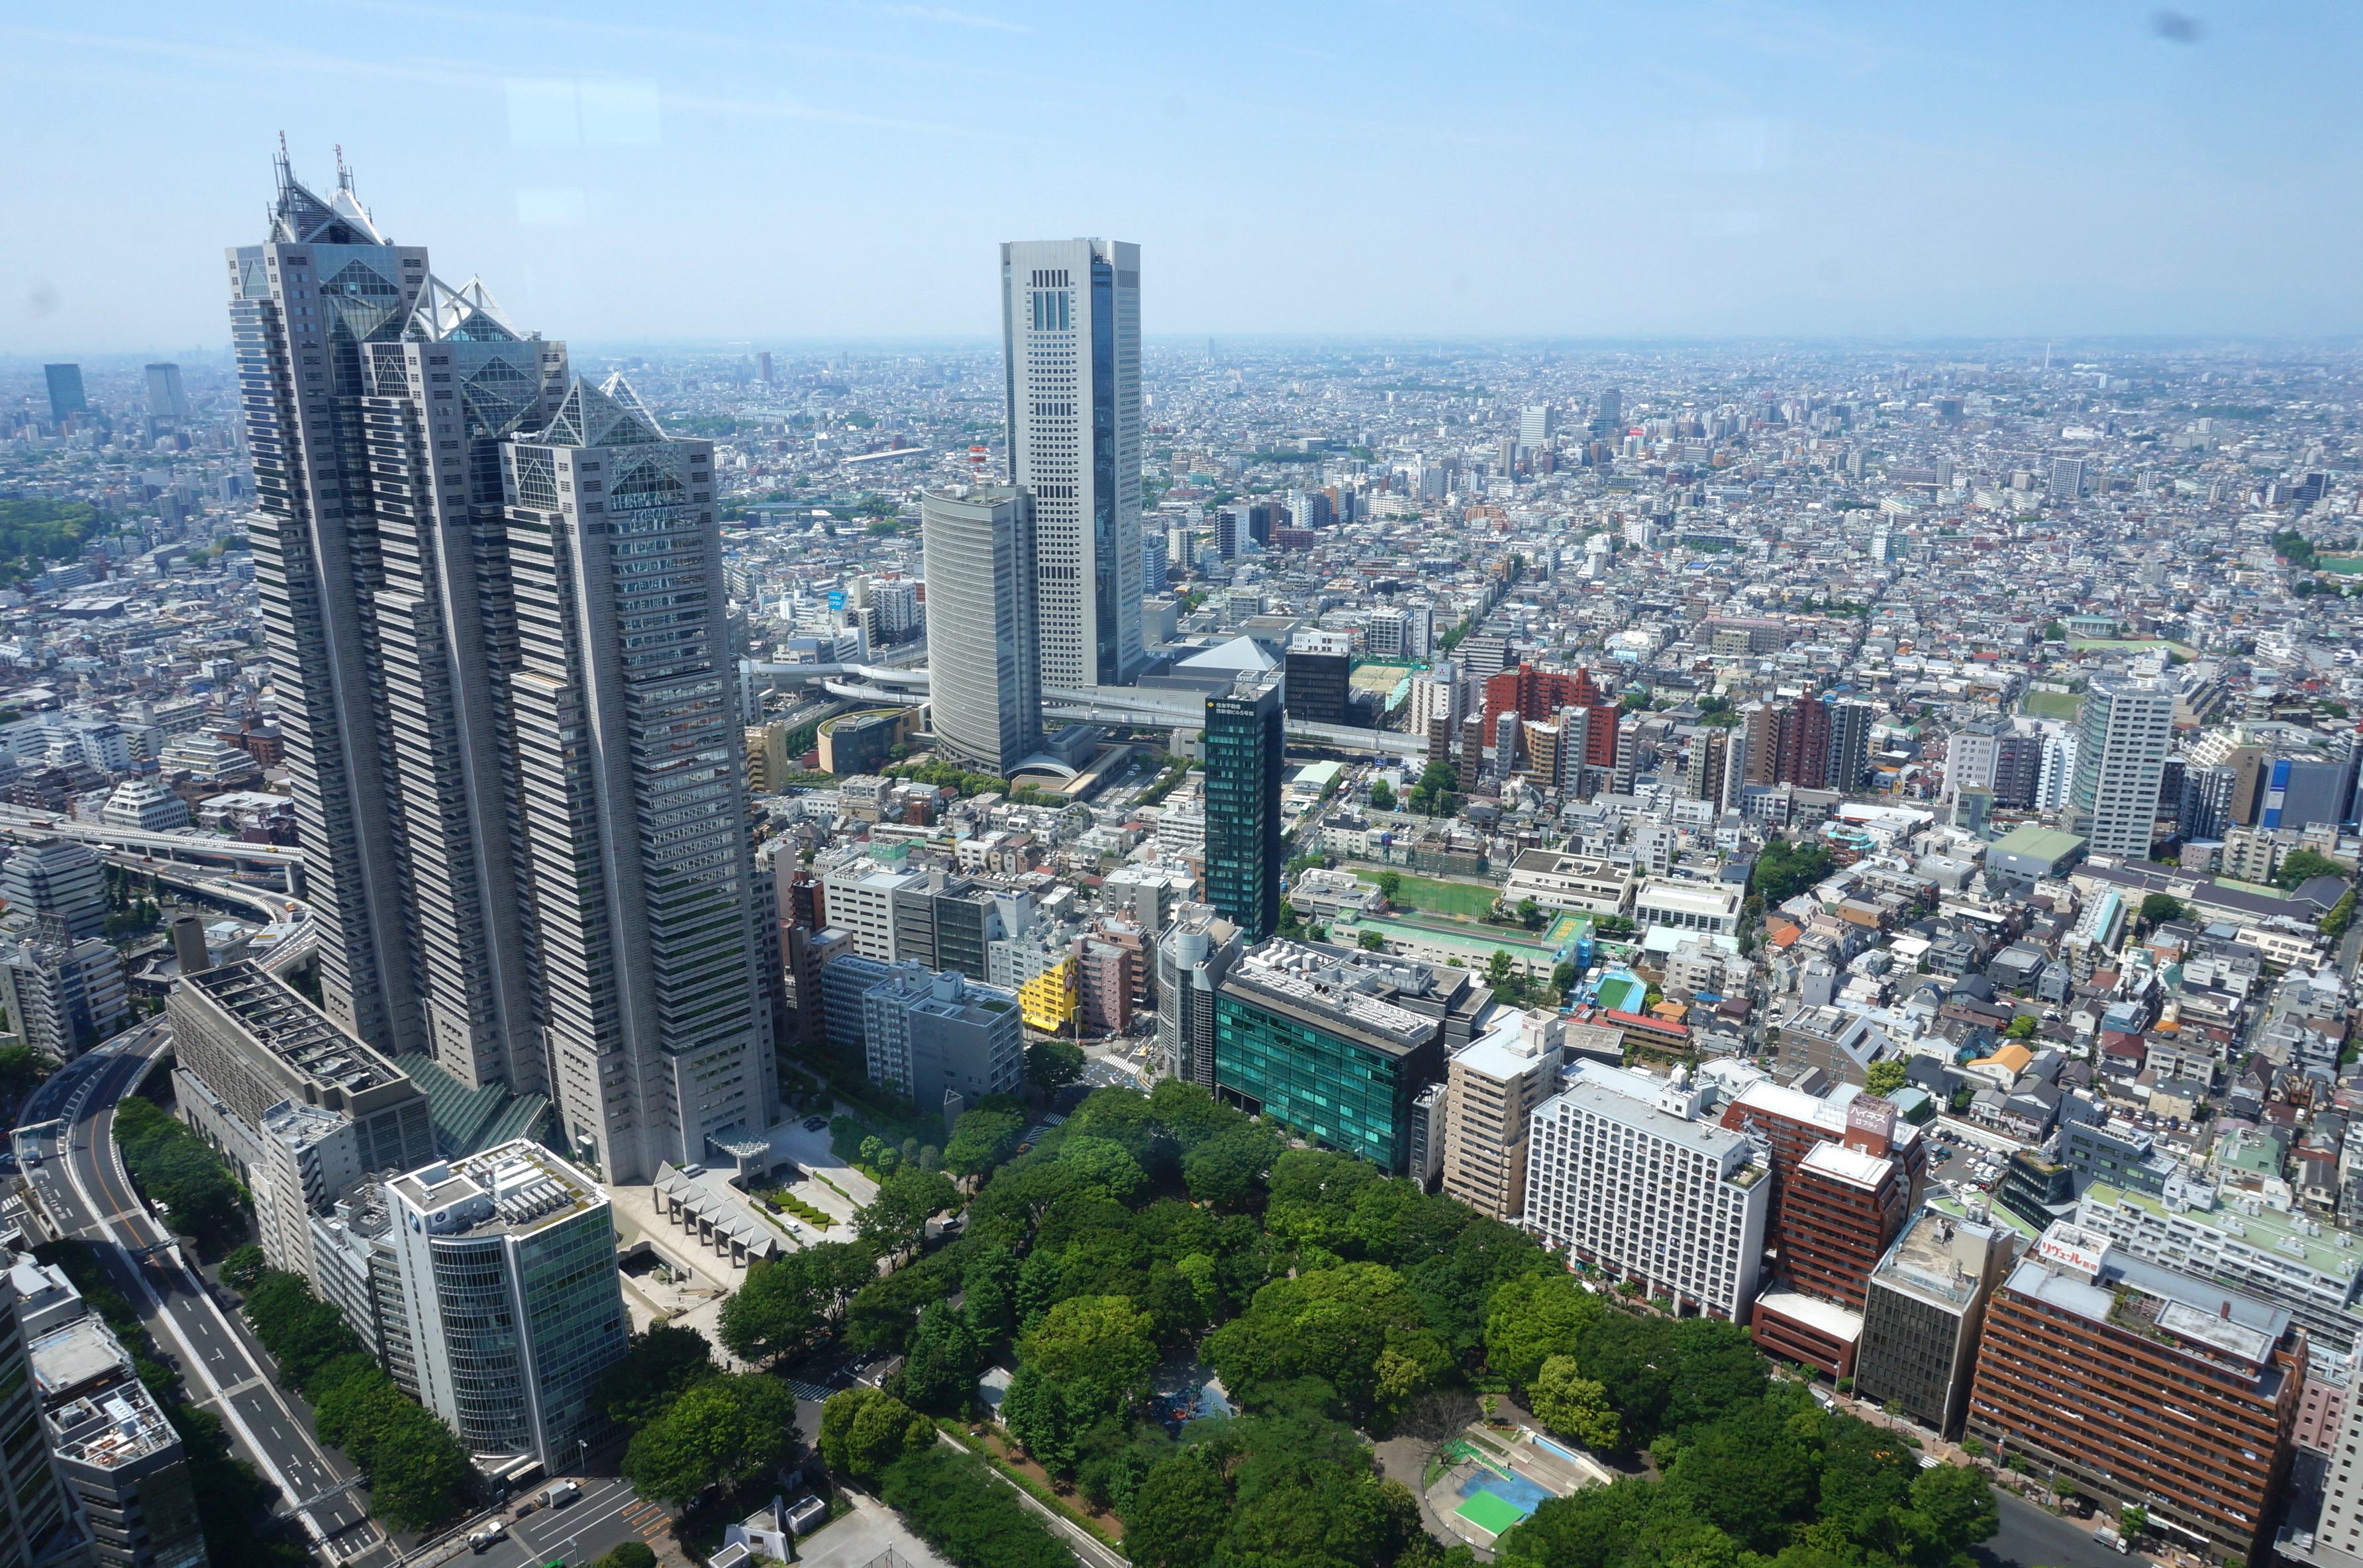 mairie de tokyo, shinjuku, tokyo, japon